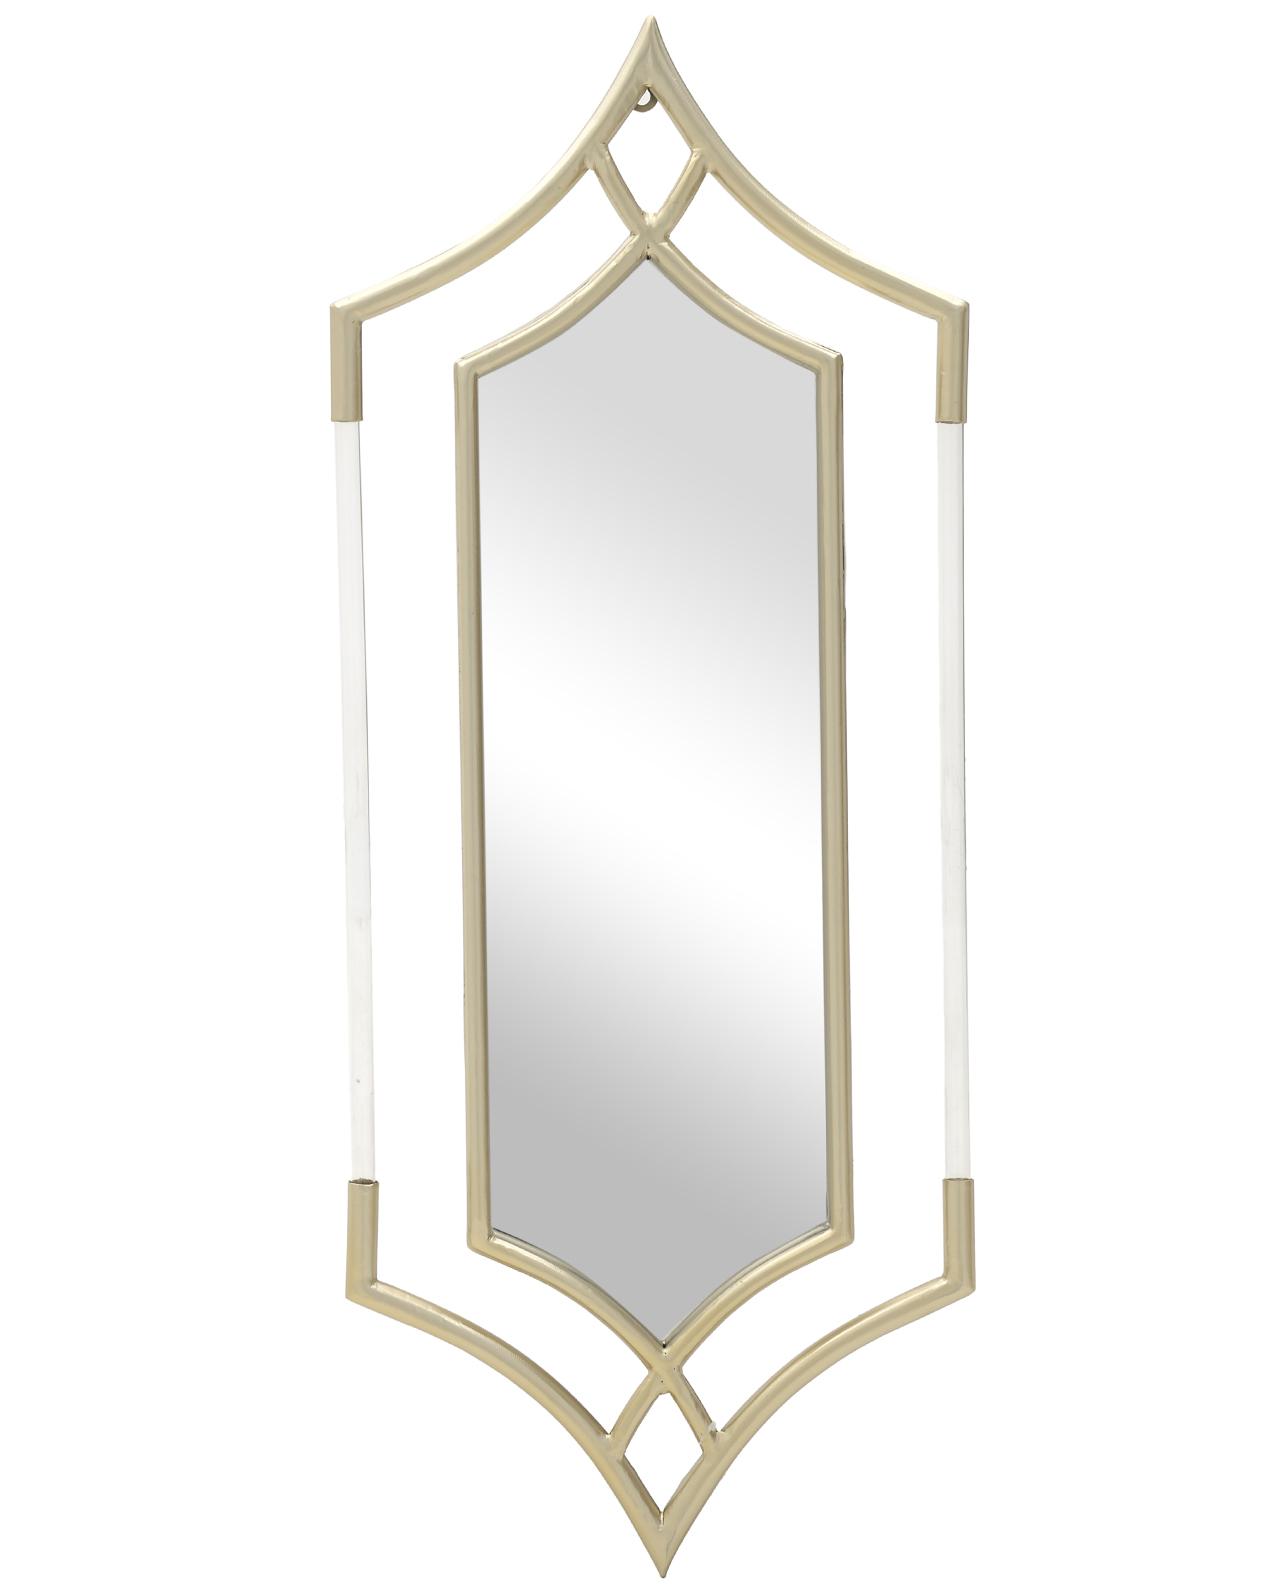 Specchio da parete moderno oro - Mobilia Store Home & Favours